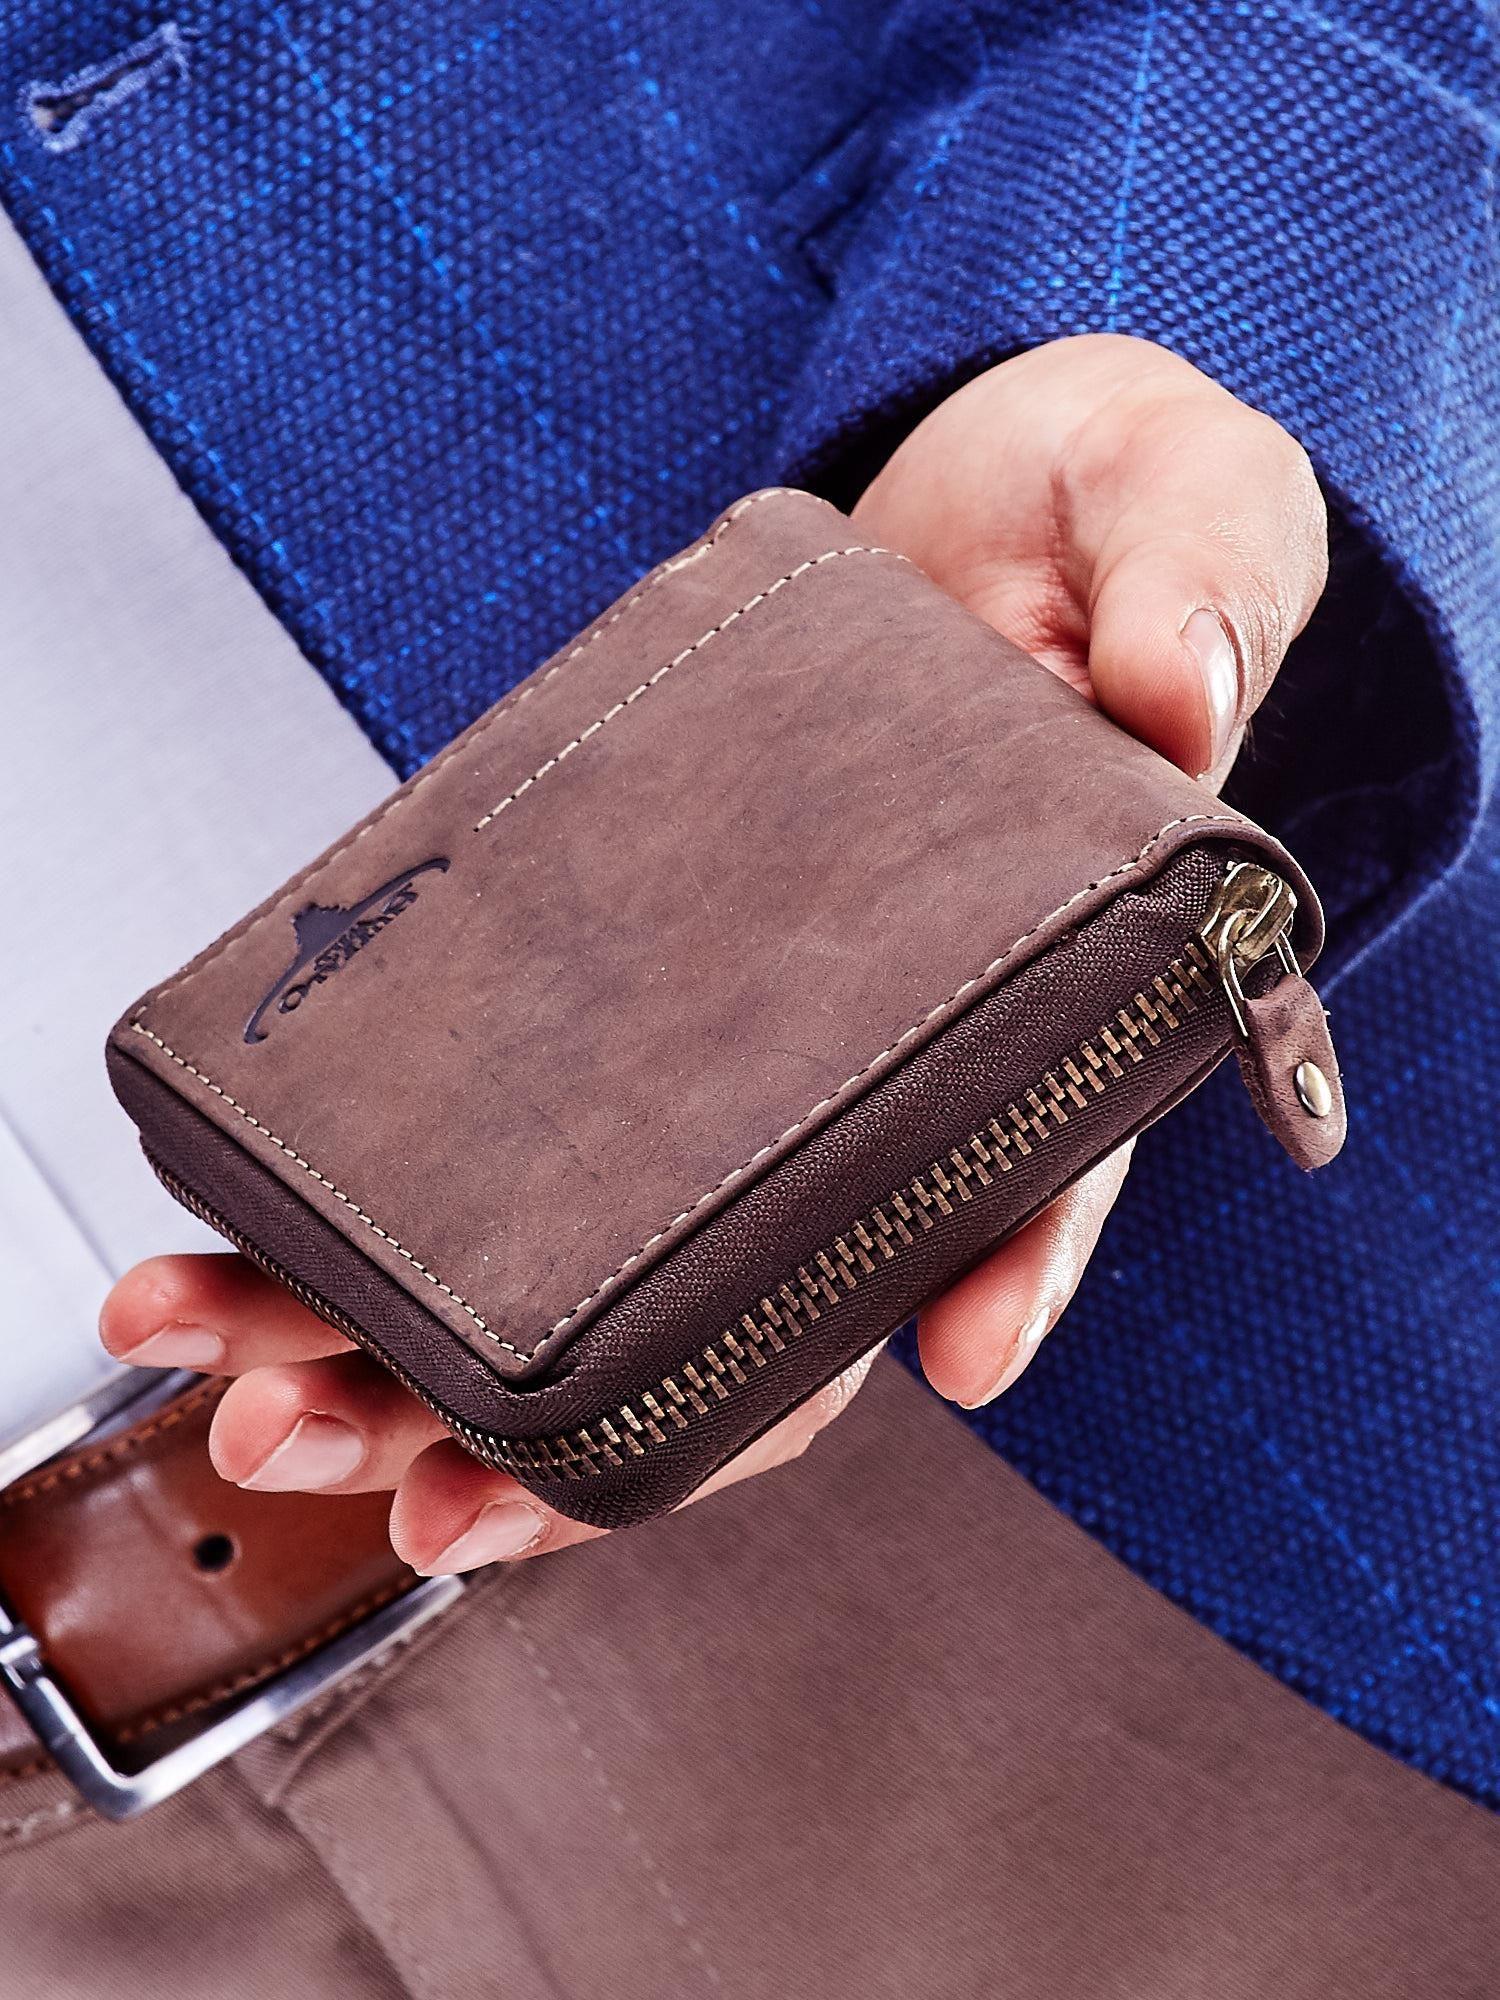 22a4ab38a16ea Brązowy portfel dla mężczyzny z tłoczonym emblematem - Mężczyźni portfel  męski - sklep eButik.pl